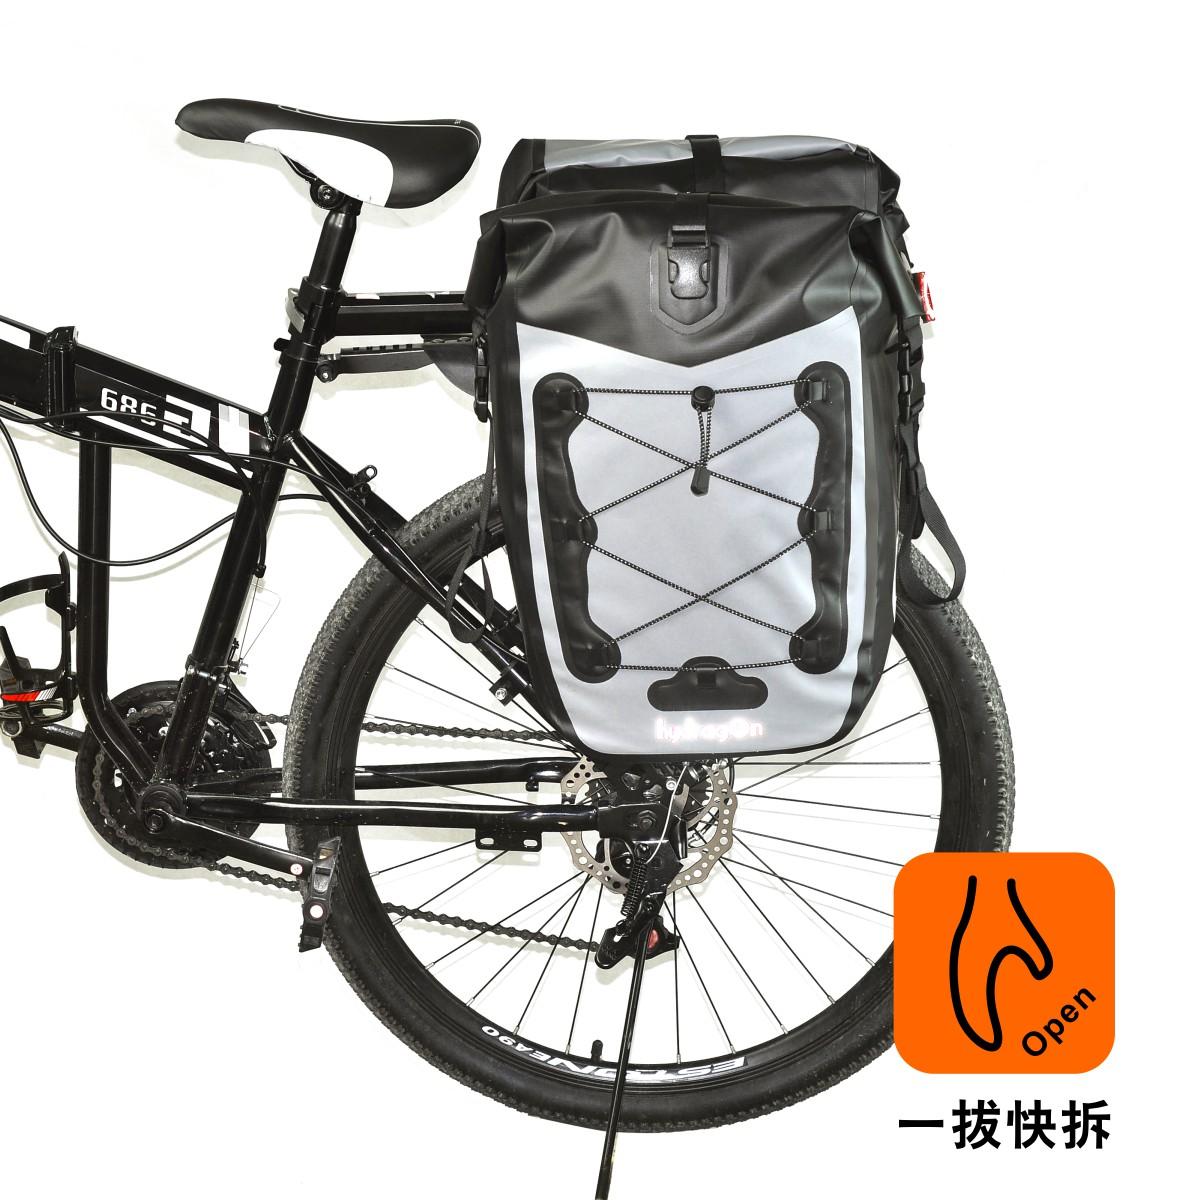 海泽龙自行车包后架包大容量防水骑行装备包龙爪2代加持狂甩不掉